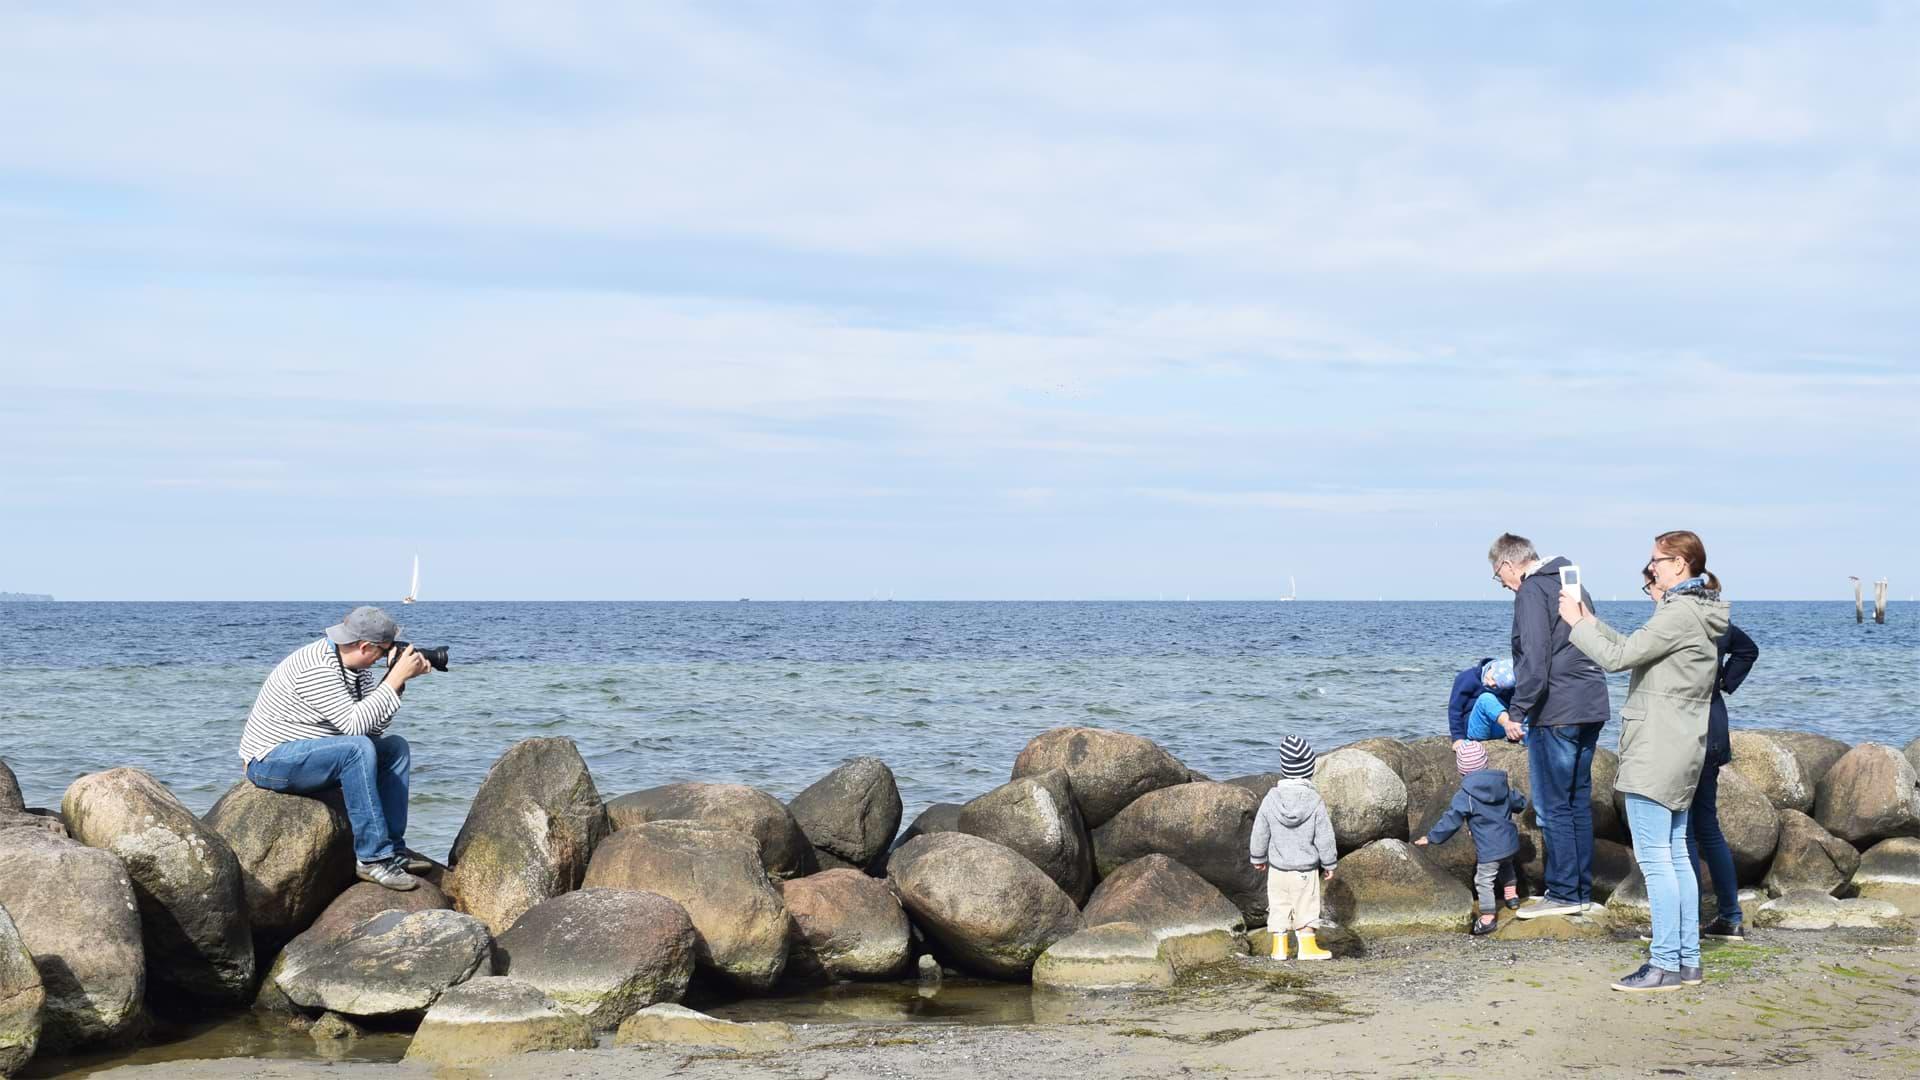 Christian an der Ostsee beim Fotografieren